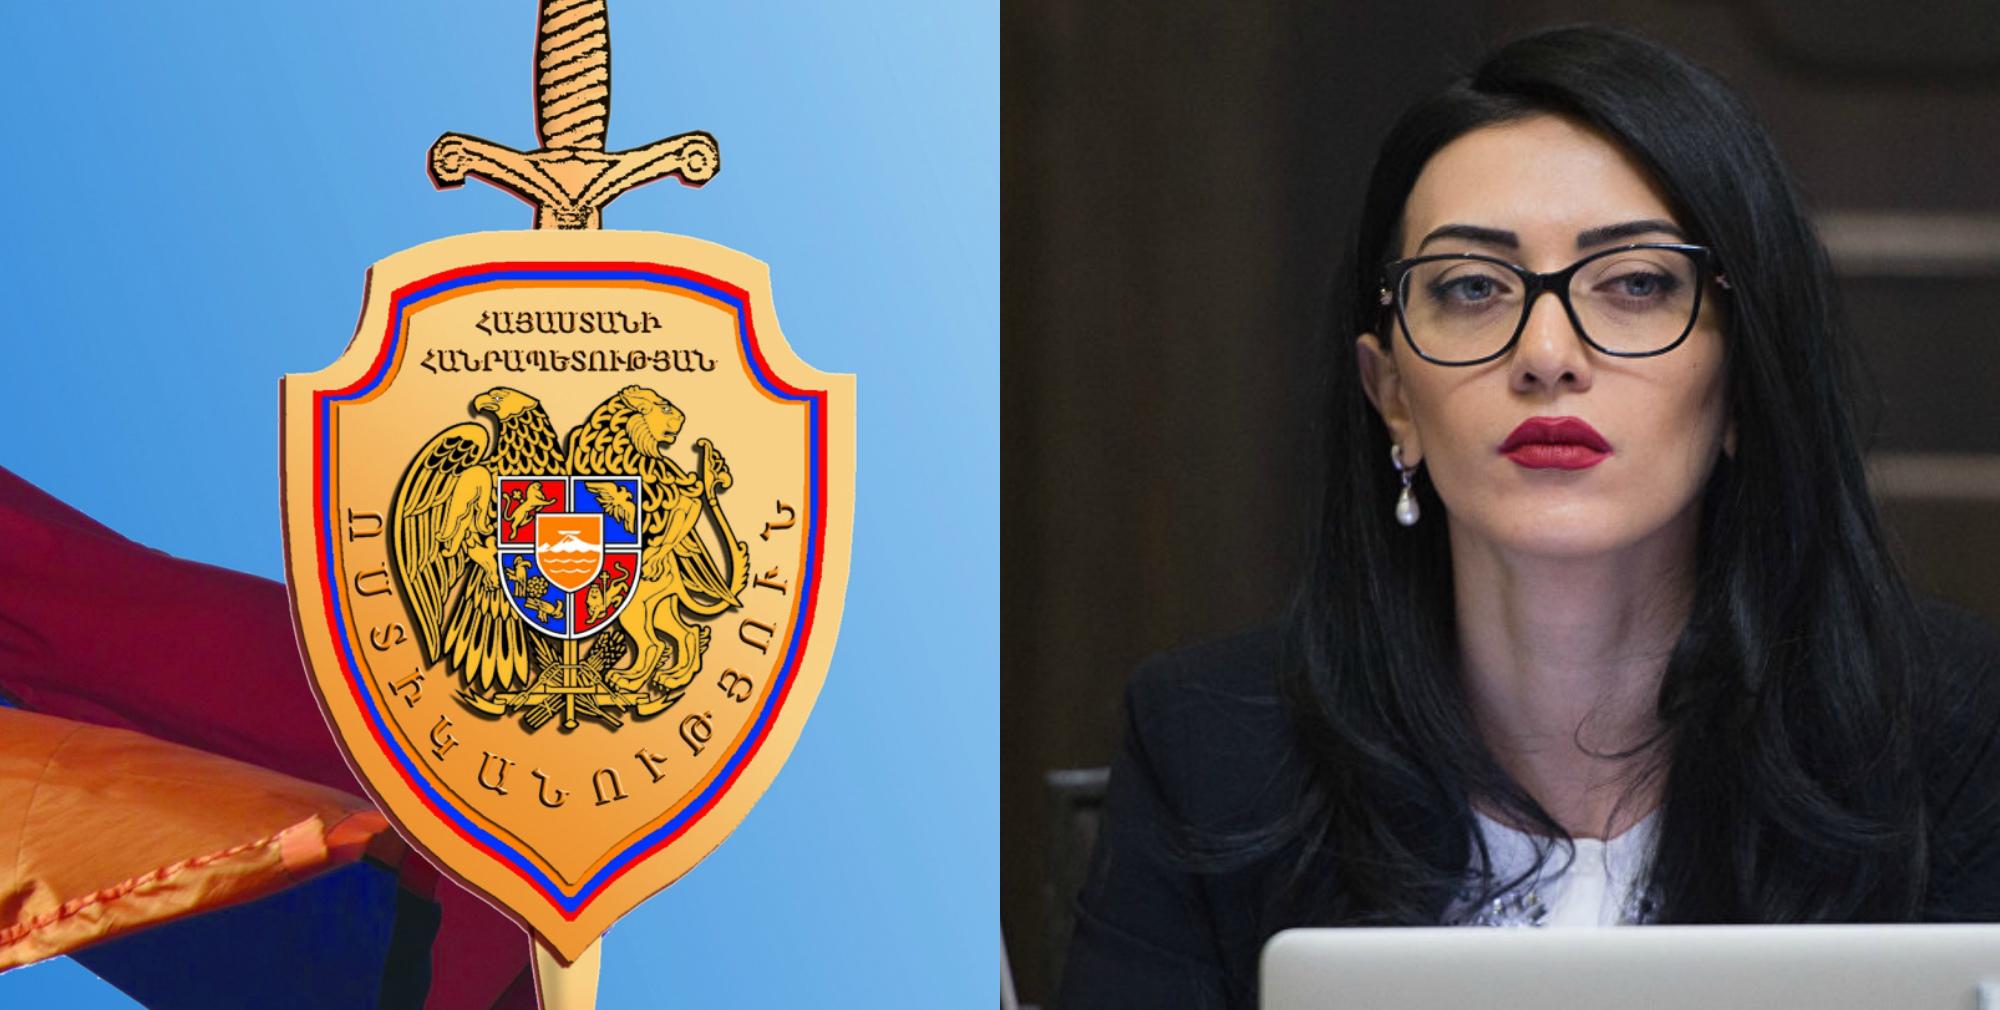 Ոստիկանությունը պատասխանել է Արփինե Հովհաննիսյանին